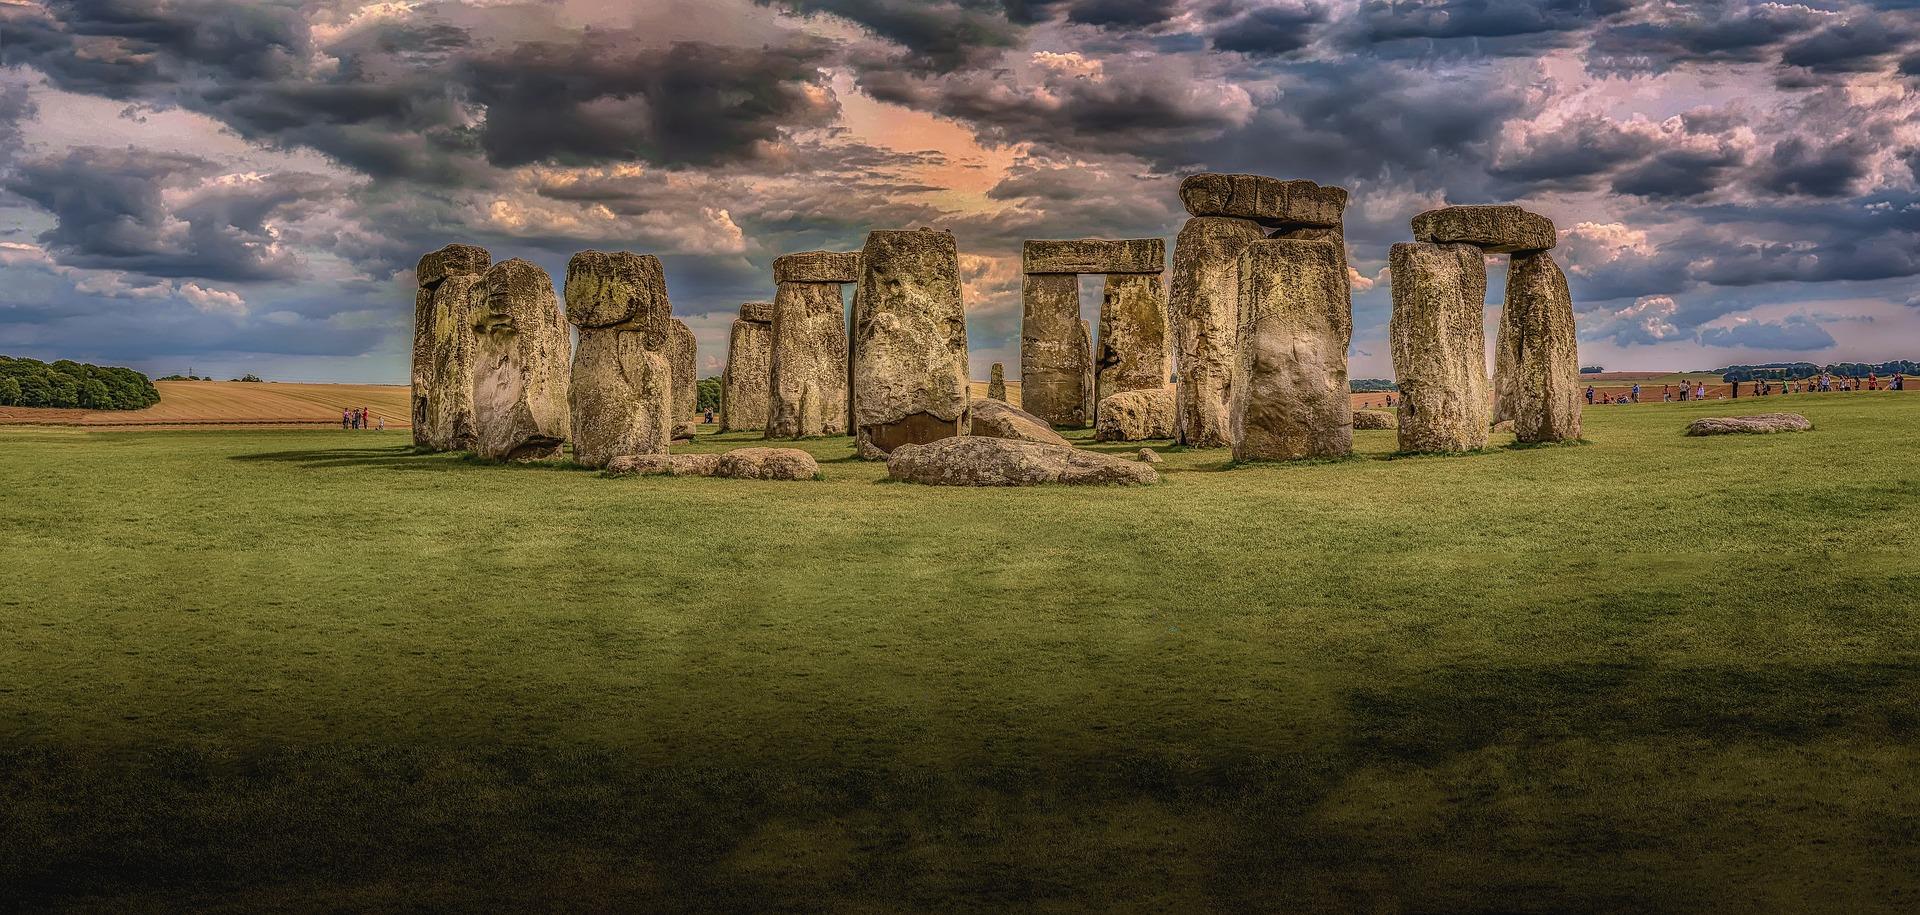 stonehenge-1590047_1920.jpg